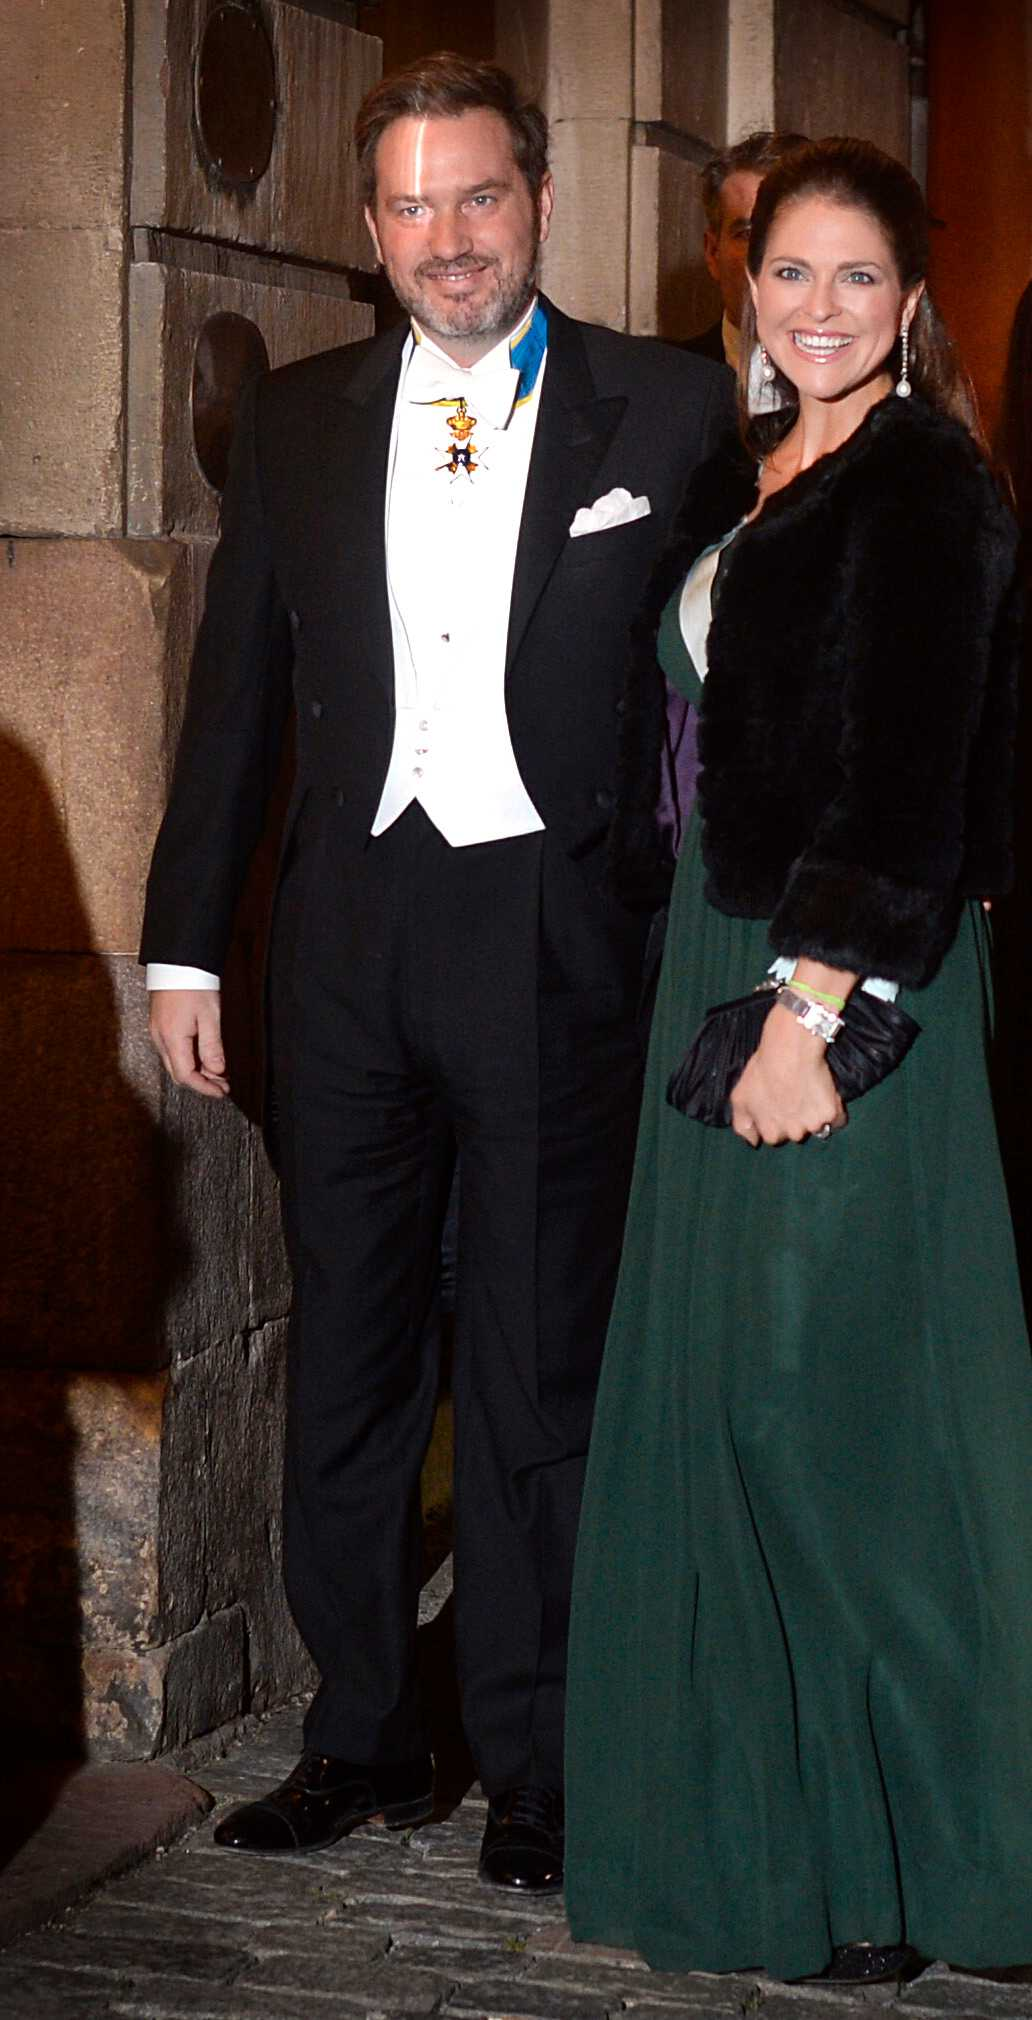 Prinsessan i grön aftonklänning och pälsjacka från det svenska märket By Malina.